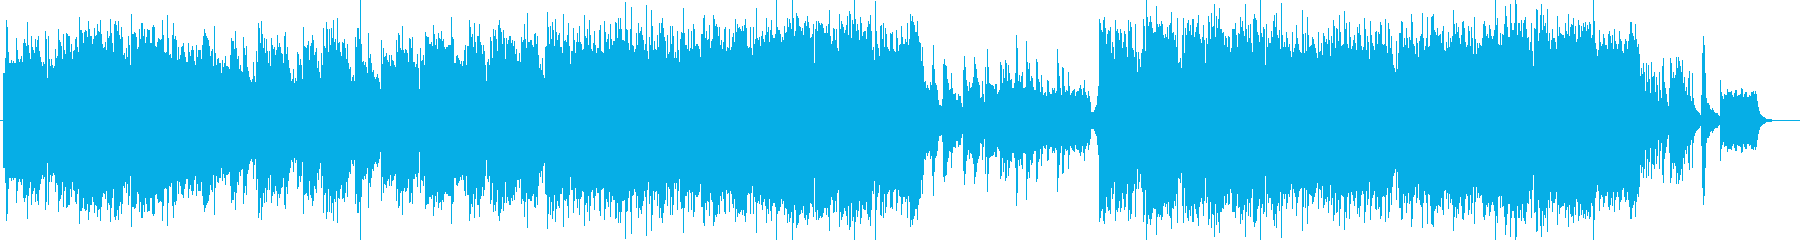 美しく切ないシンセピアノサウンドの再生済みの波形